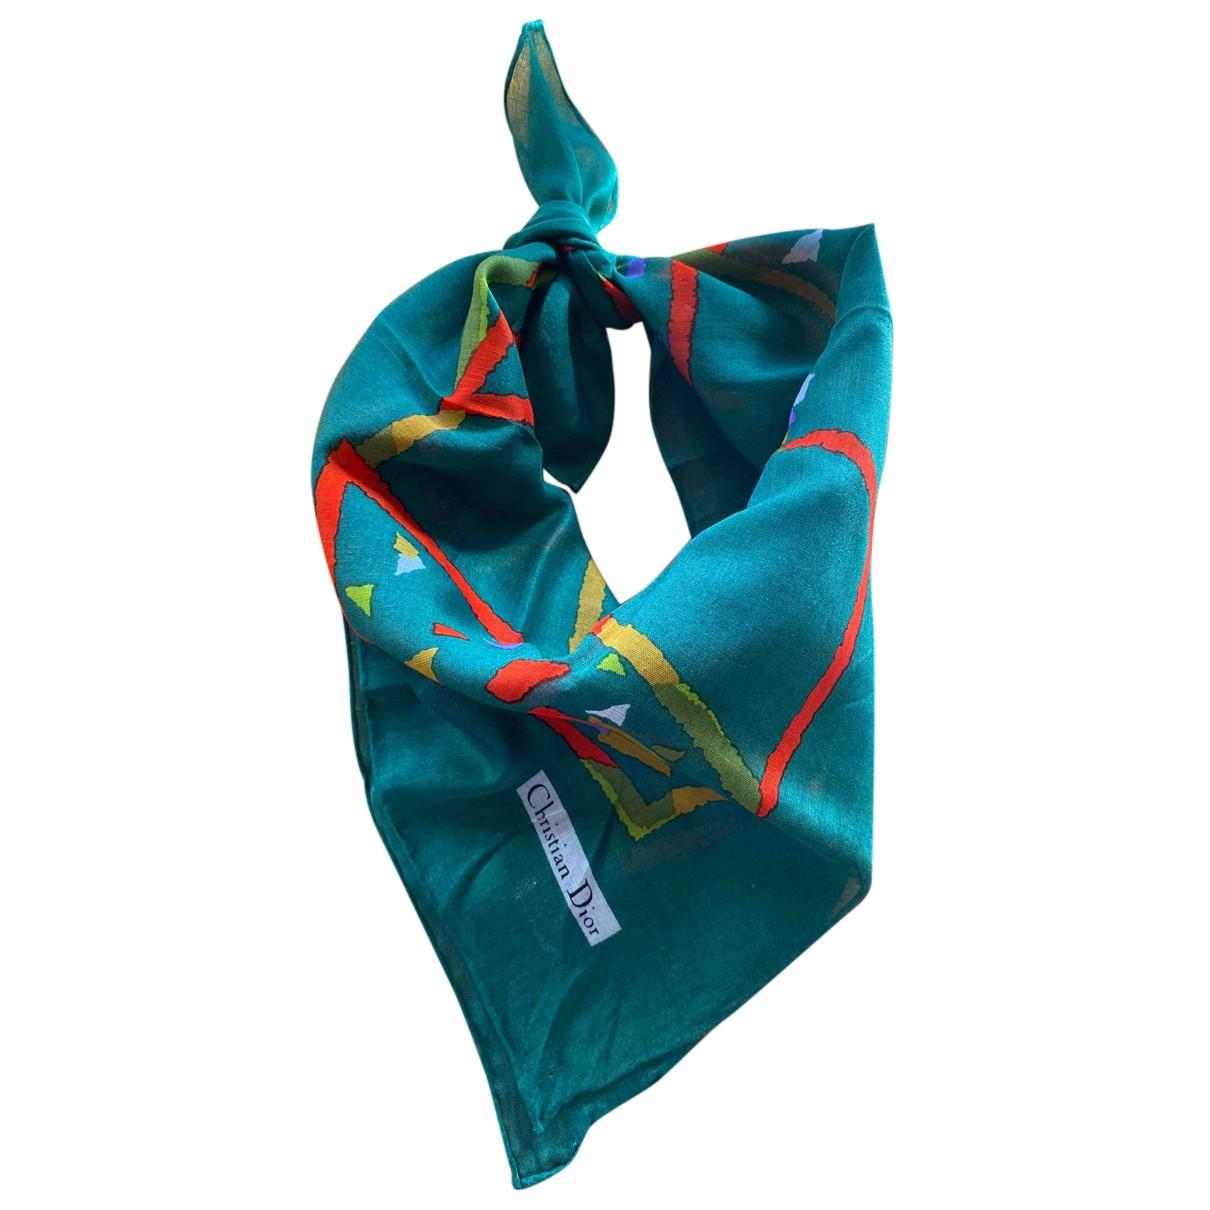 Dior N Green Cotton Silk handkerchief for Women N